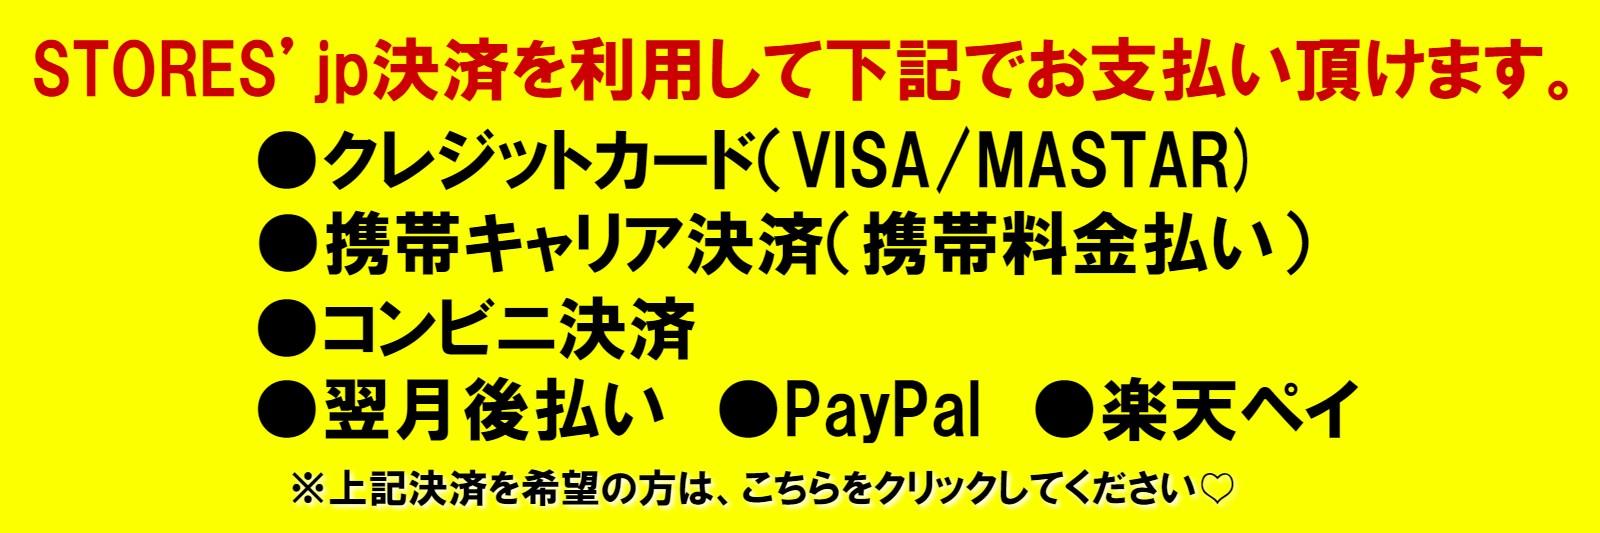 LINE対面占いは、STORES.jpを利用して、「クレジットカード(VISA・MASTAR)・携帯キャリア決済・コンビニ決済・翌月後支払い・PayPal・楽天ペイ」でもお支払いが出来ます